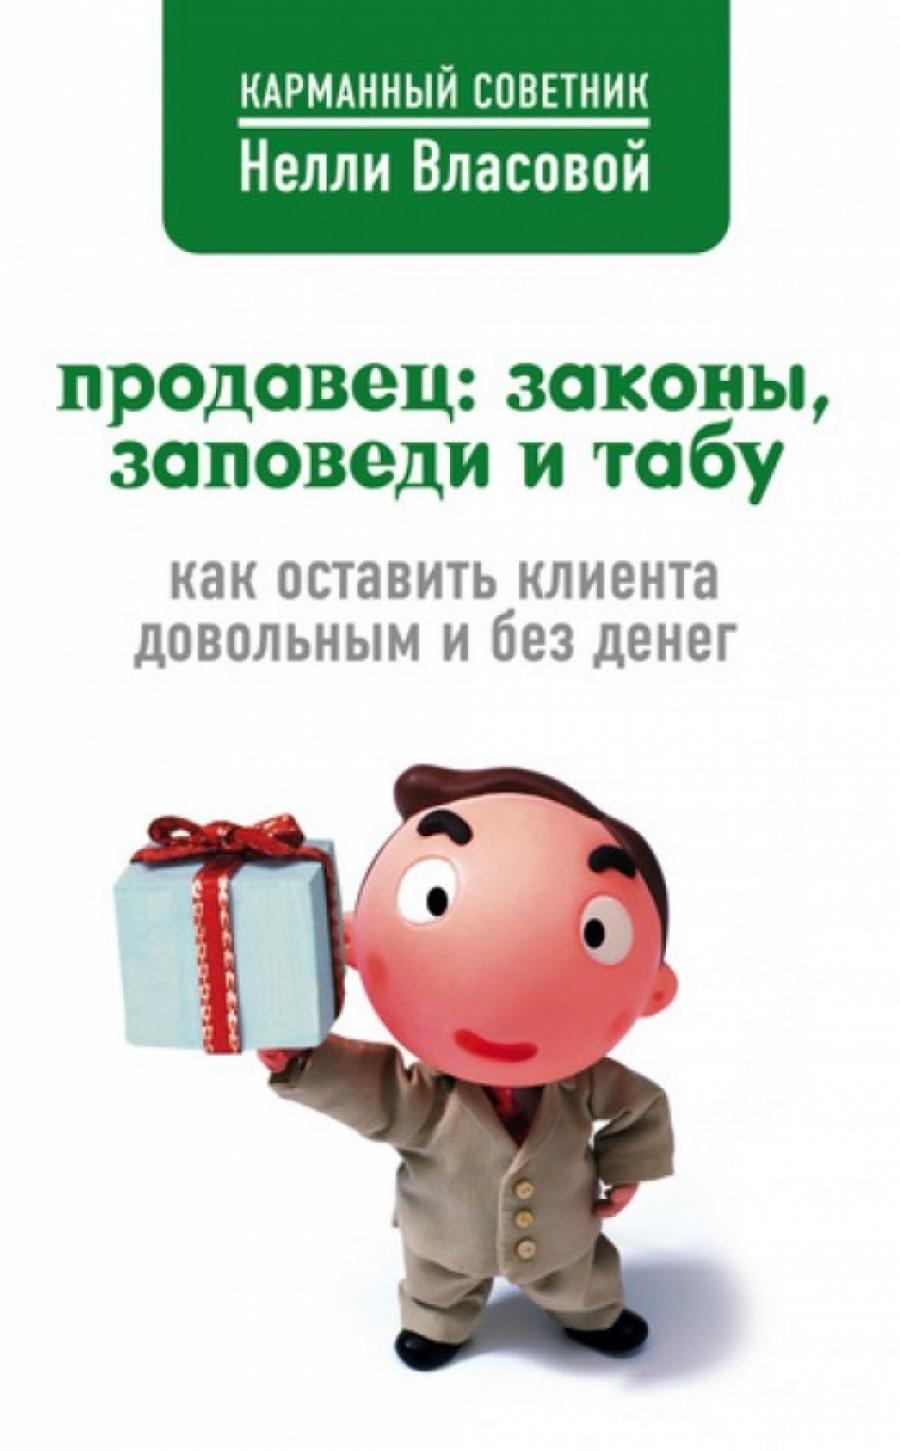 Обложка книги:  нелли власова - нелли власова 4 книги из серии карманный советник